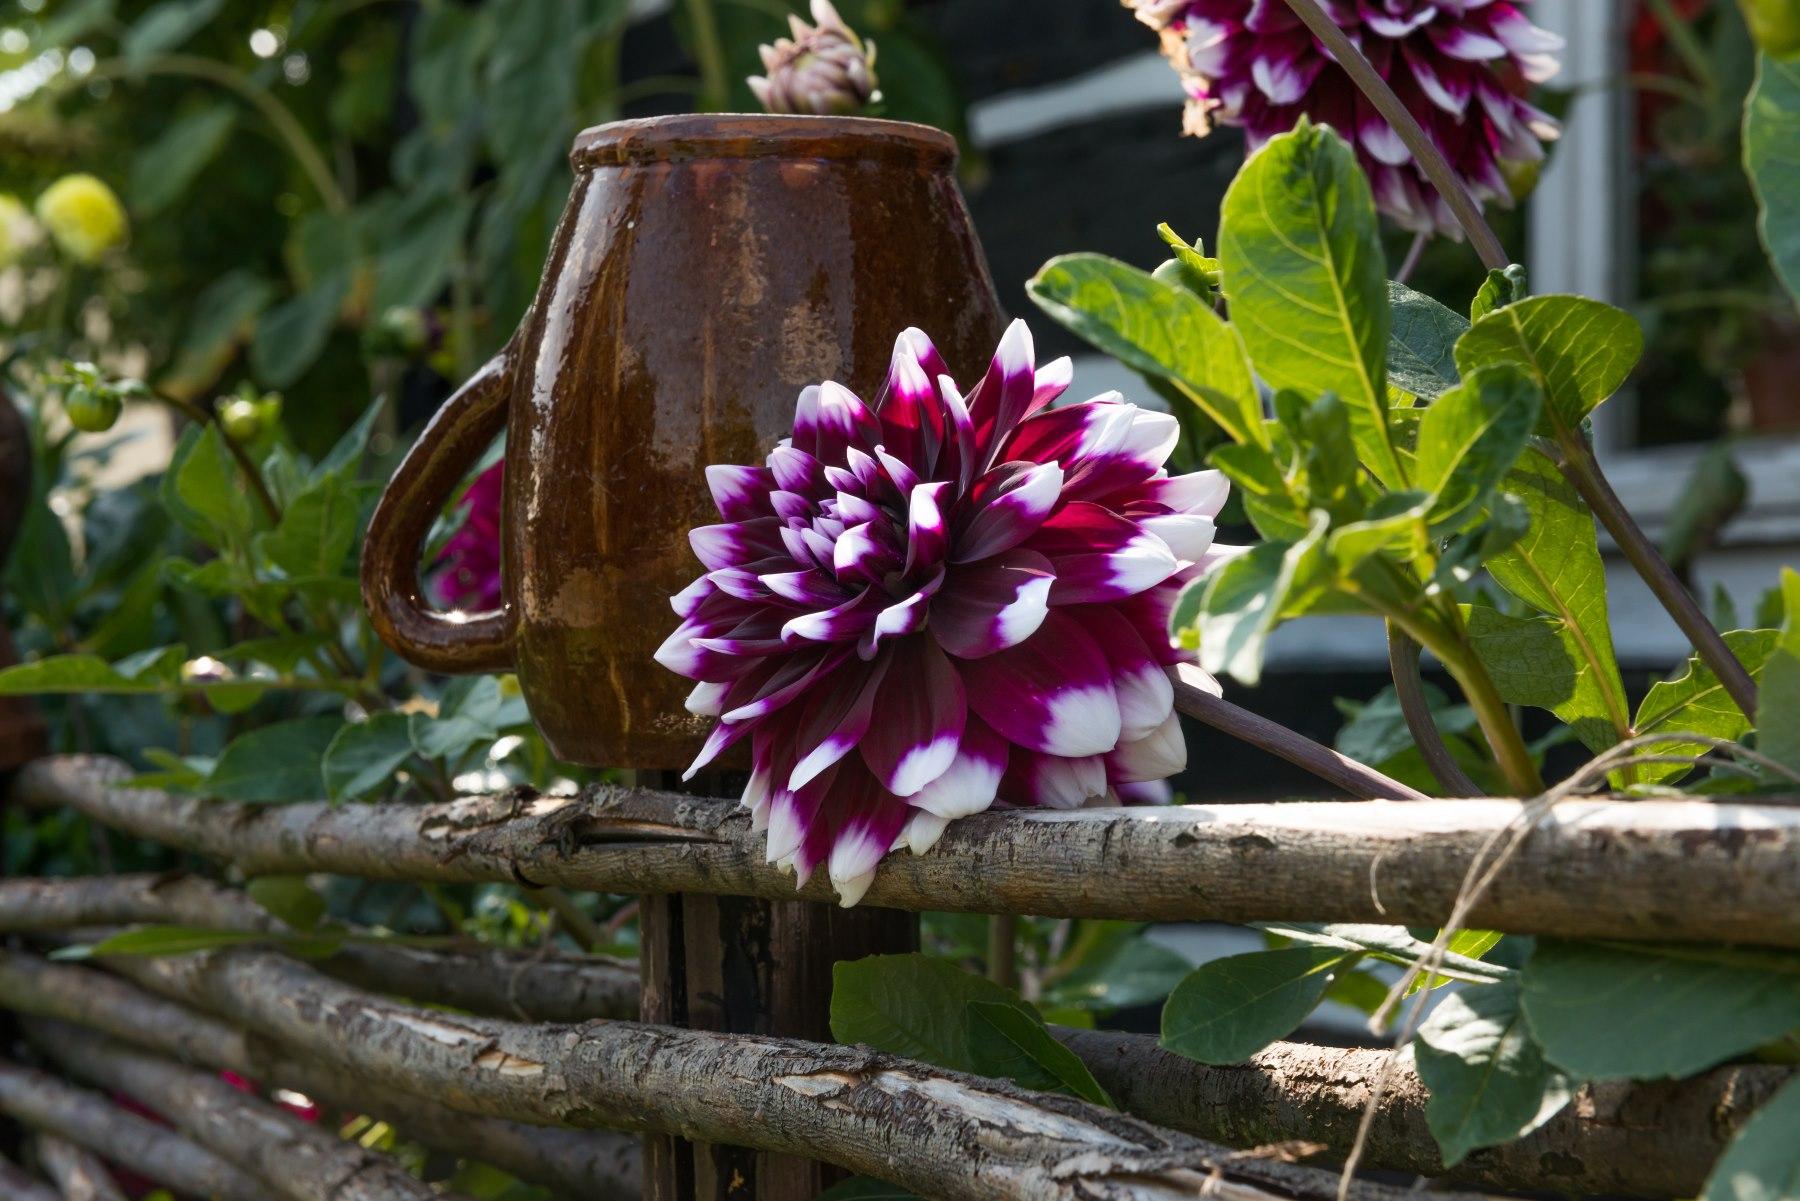 Gliniany dzbanek na drewnianym płocie wśród pięknych kwiatów